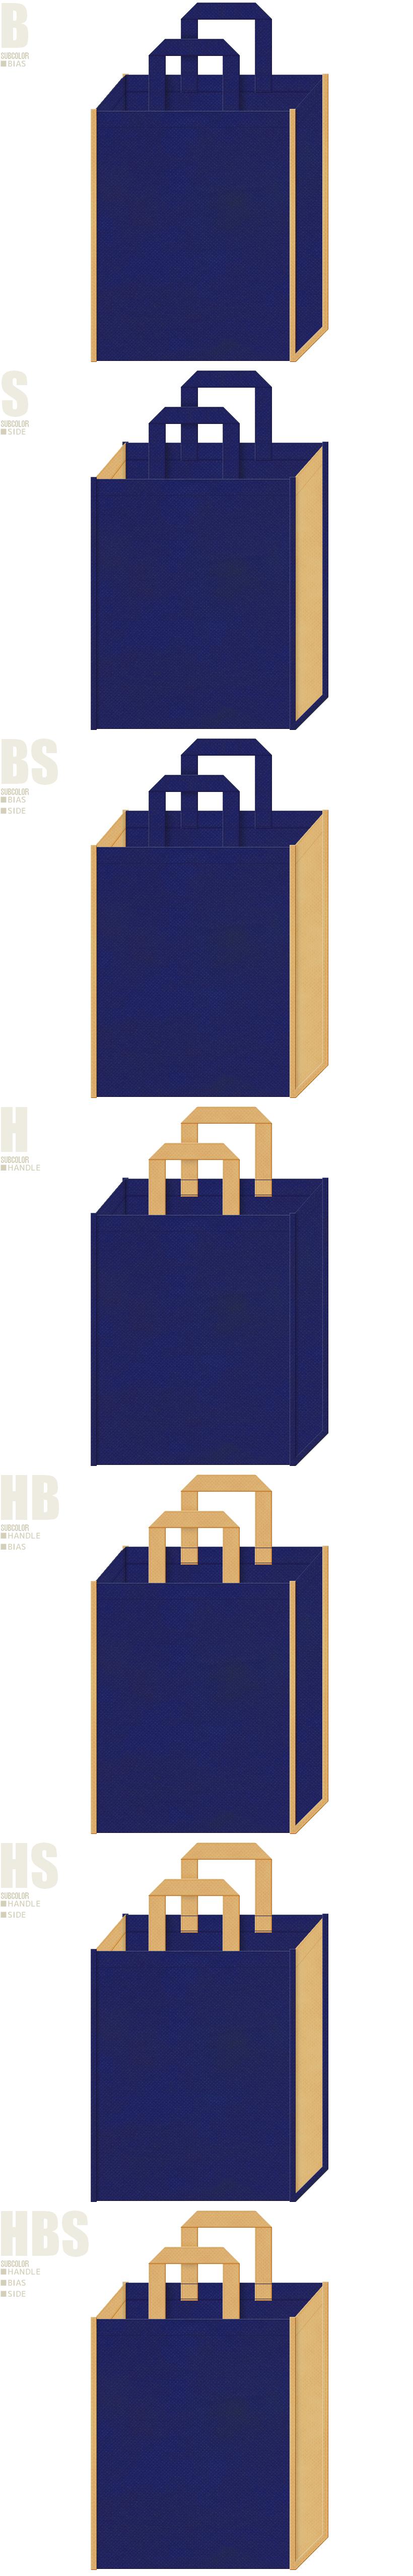 不織布バッグのデザイン:明るい紺色と薄黄土色の配色7パターン